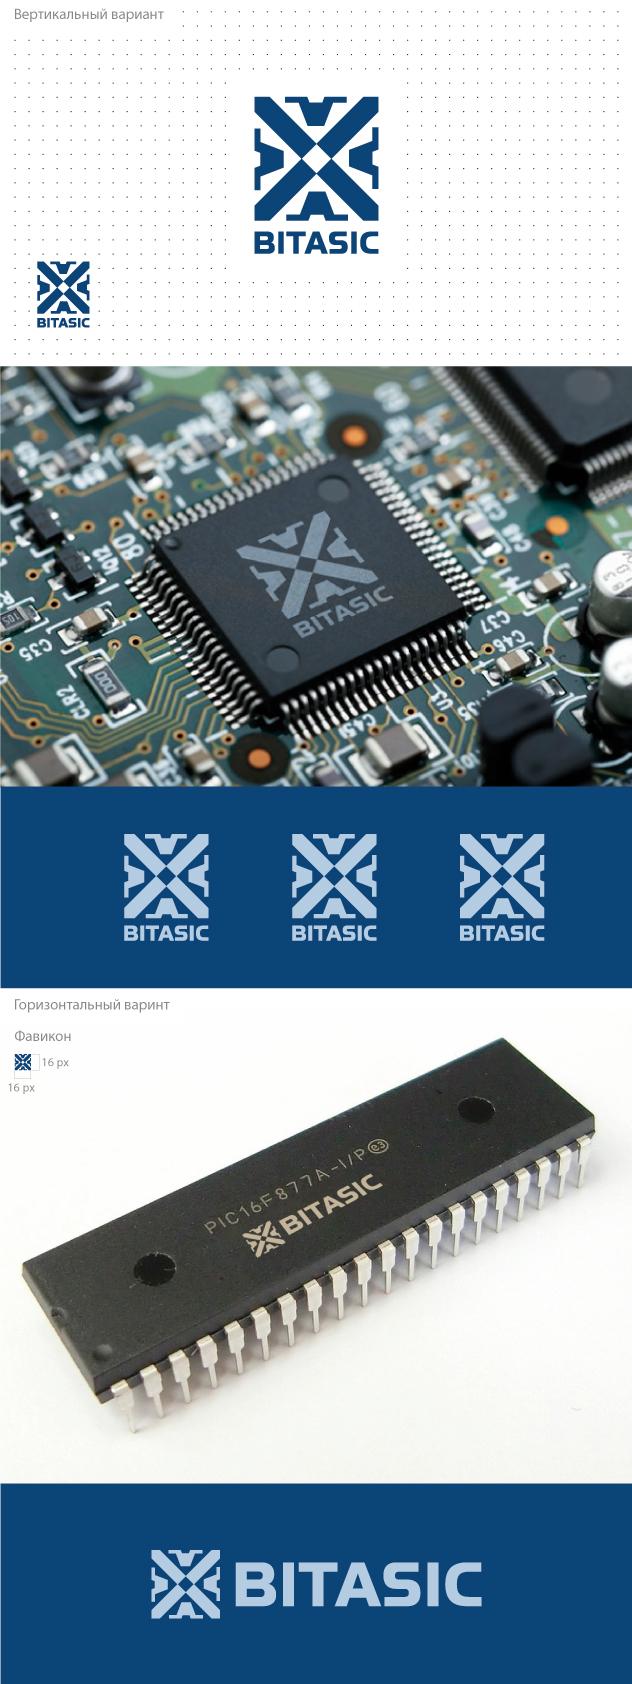 Дизайнер в сфере IT-технологий фото f_3855b4a400b00c02.jpg